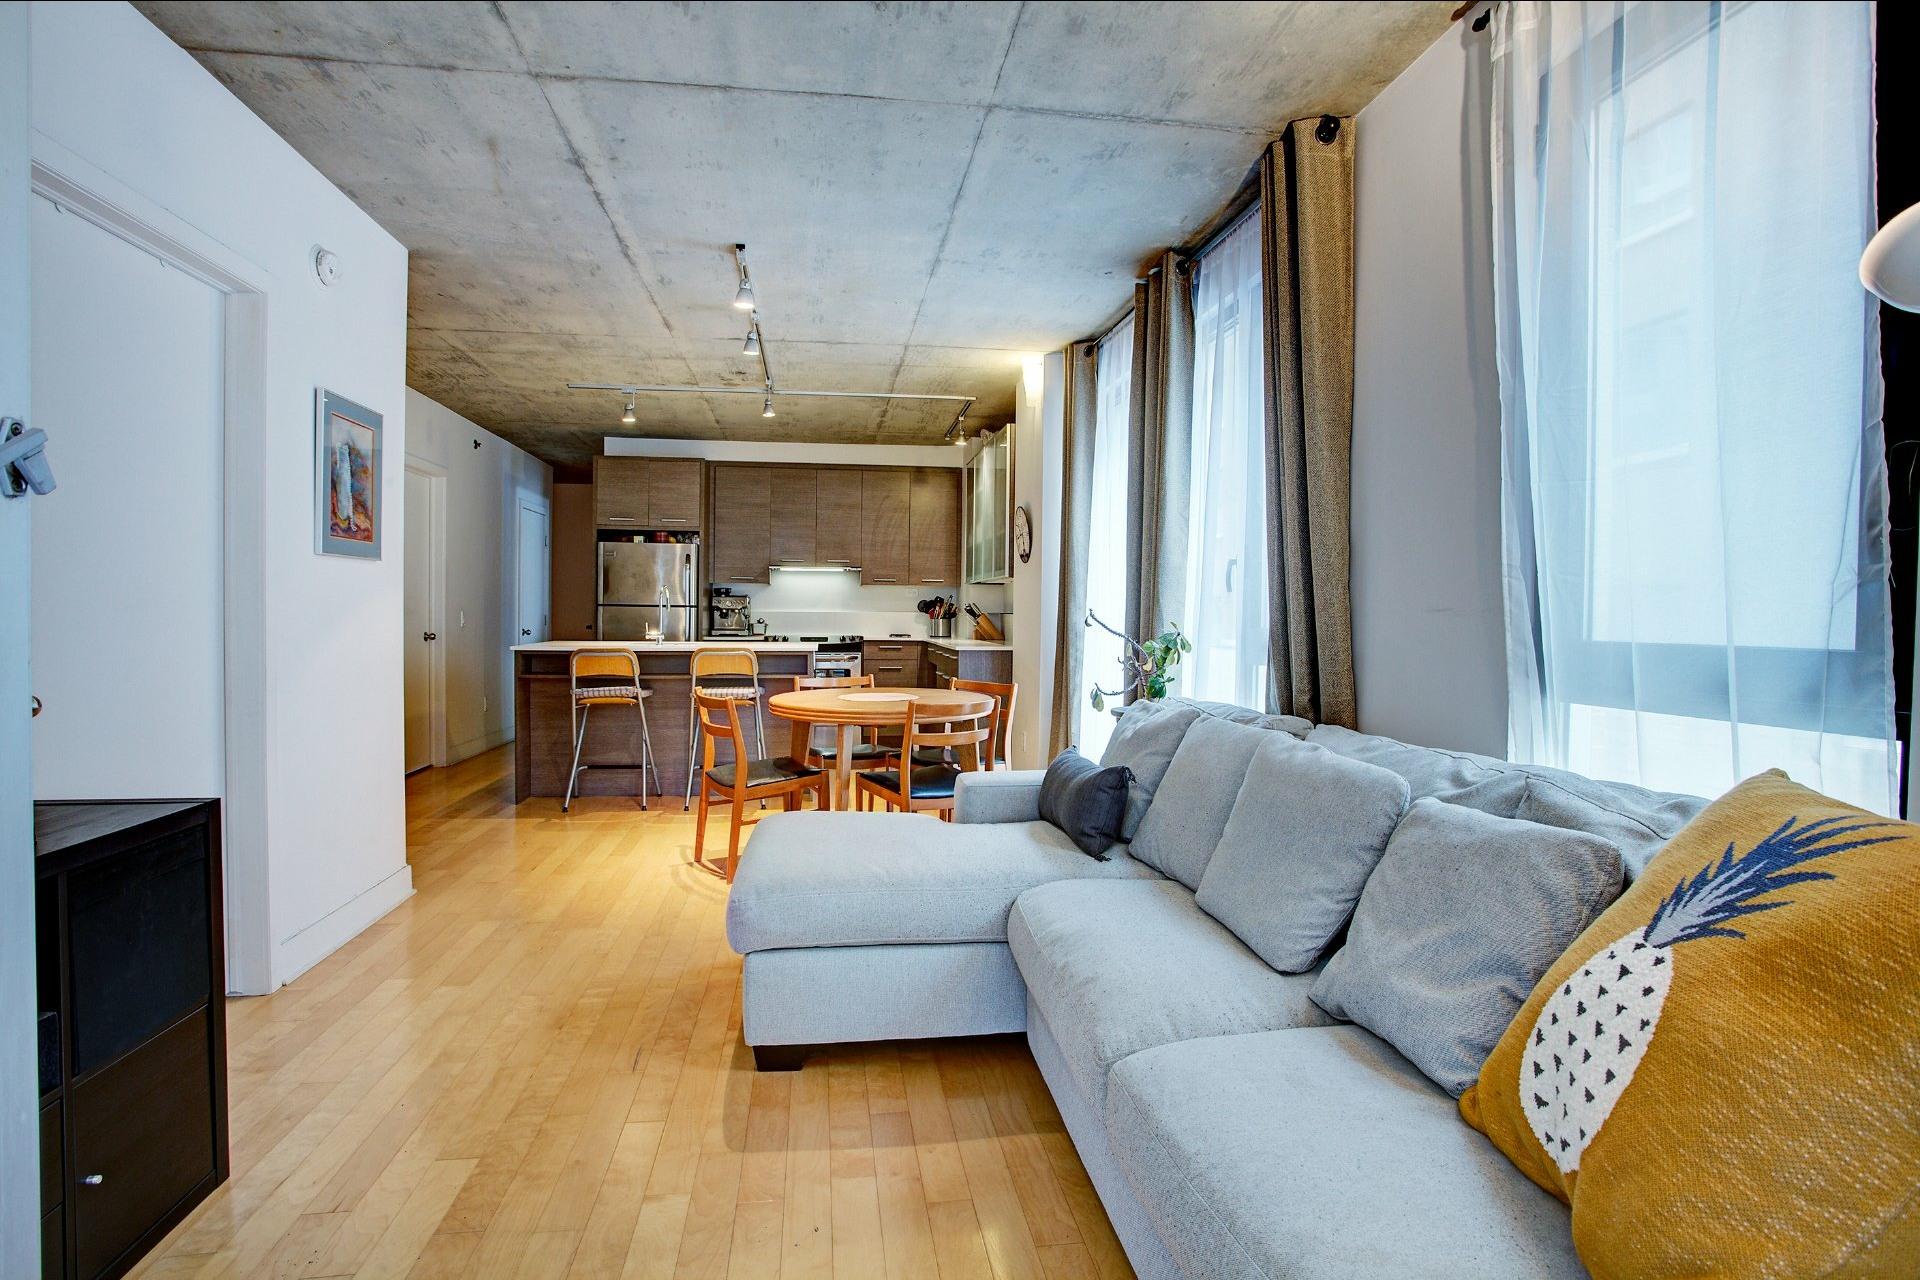 image 5 - 公寓 出售 Montréal Le Sud-Ouest  - 4 室